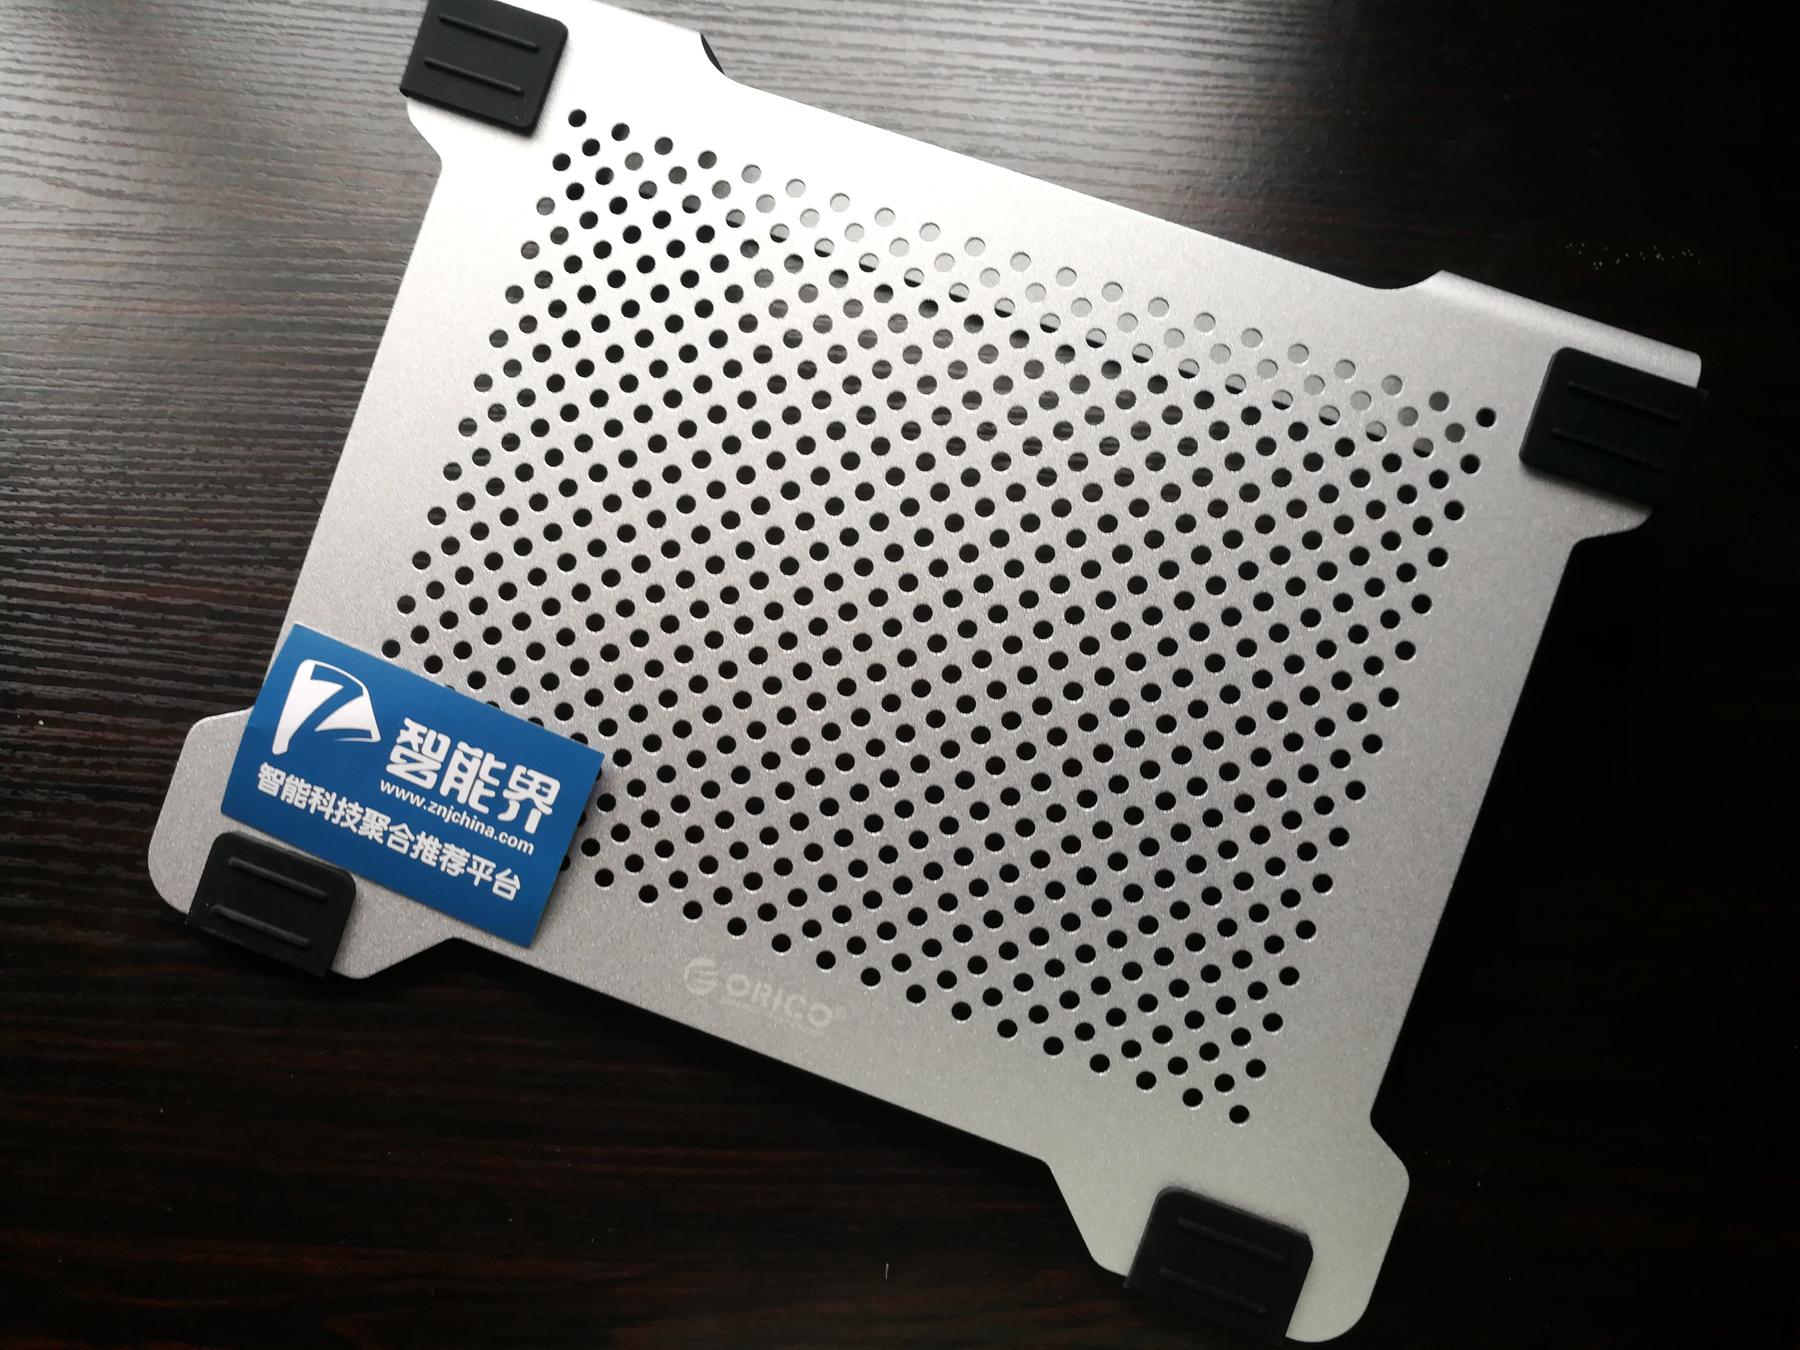 清凉一下,如沐春风-ORICO 全铝DIY双风扇笔记本散热垫体验评测